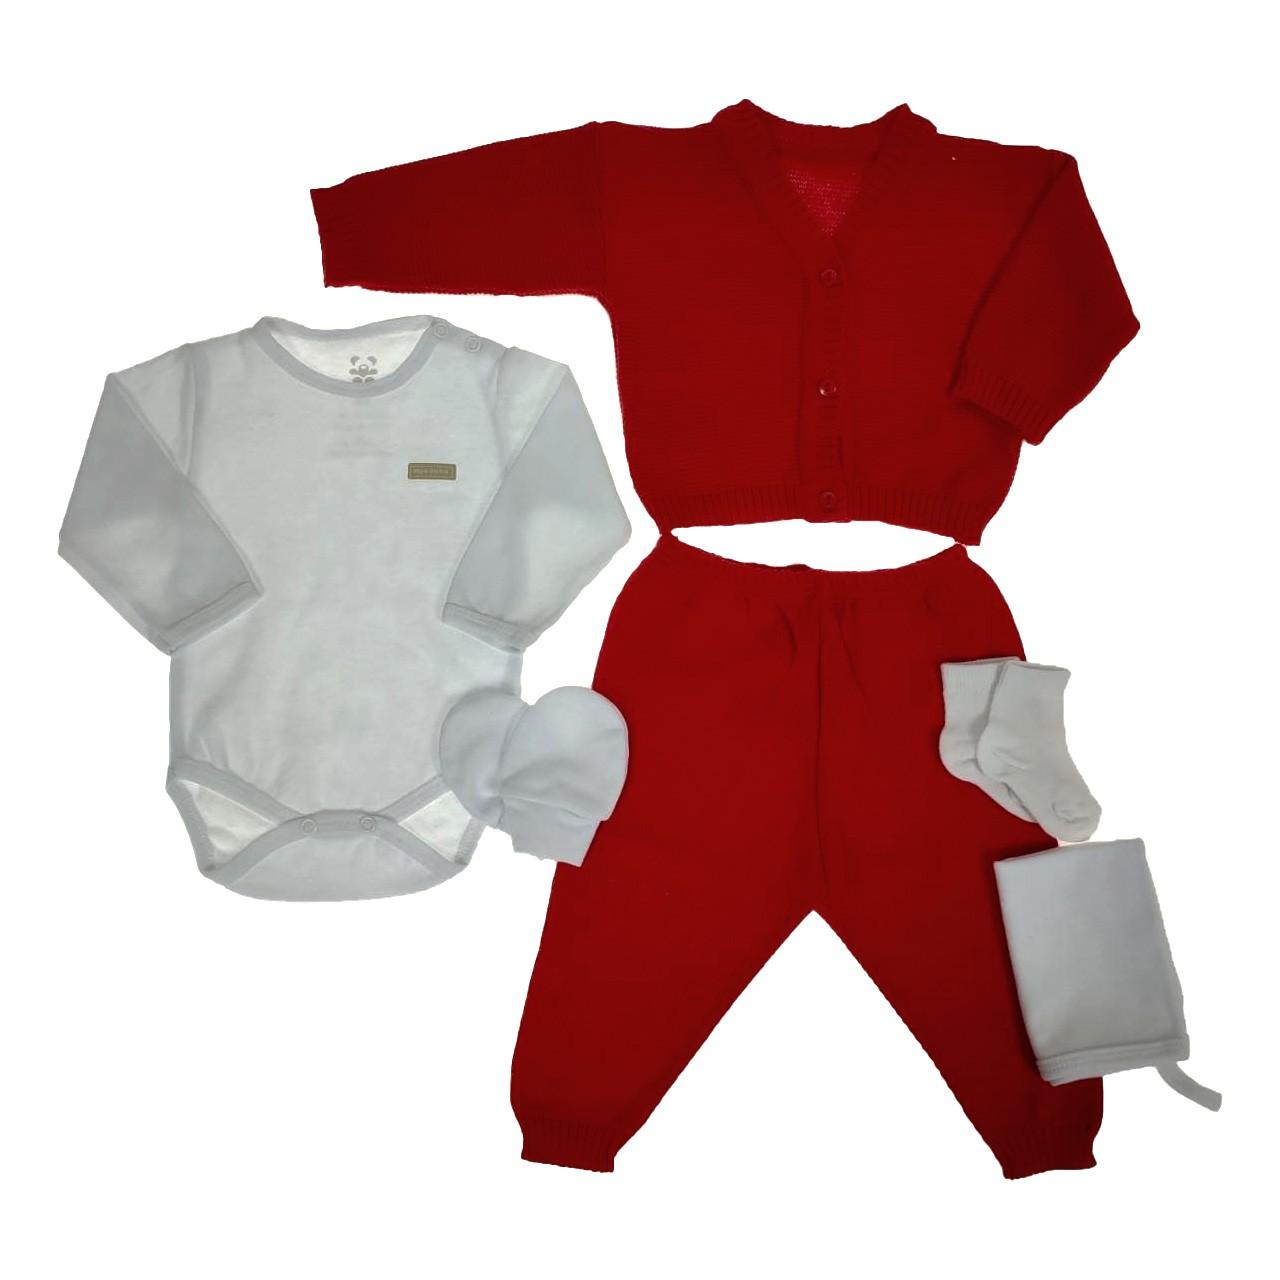 Kit Maternidade Vermelha com Tricô - 6 Peças